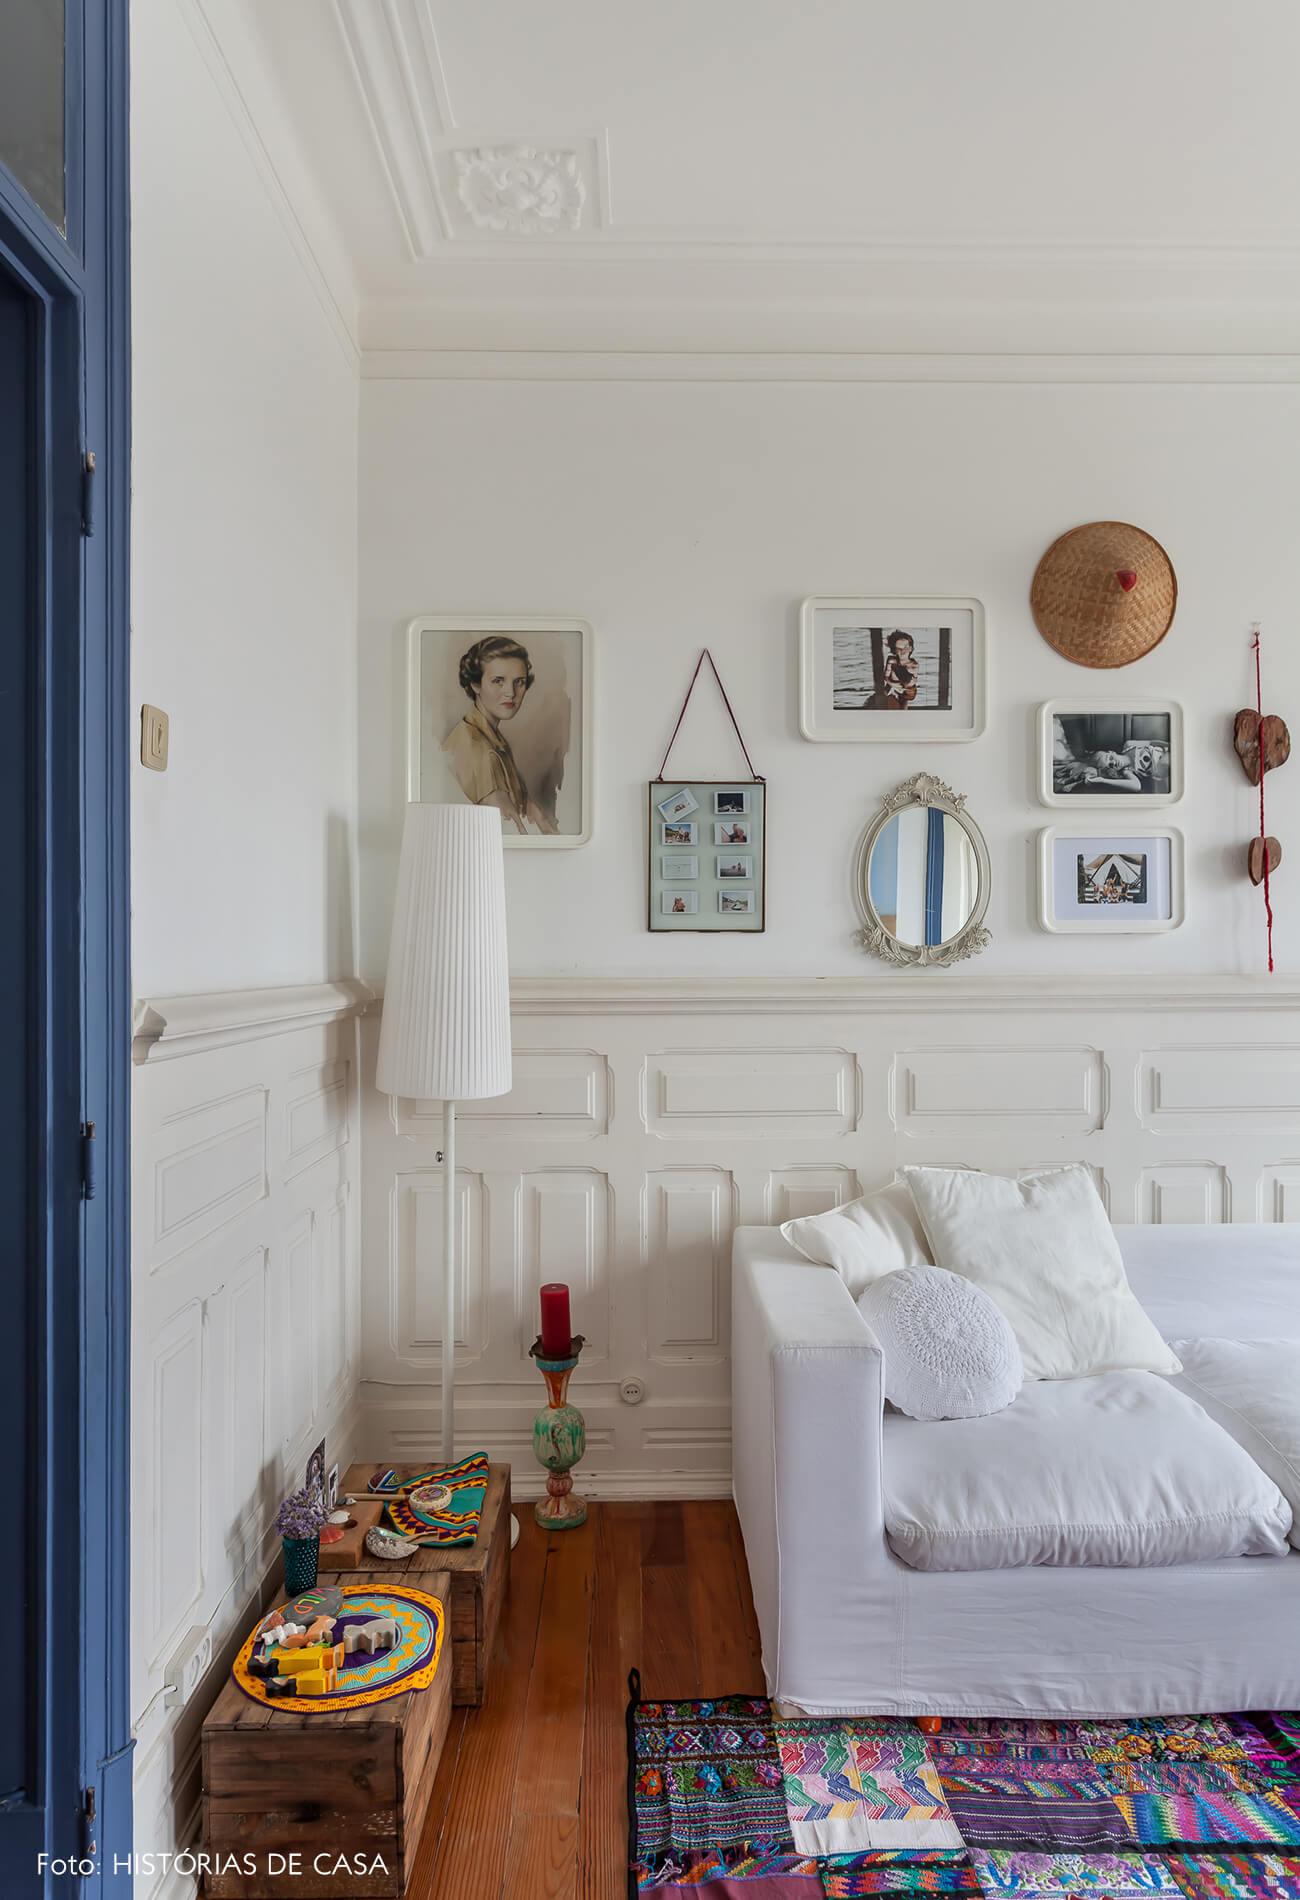 mariana-portugal-decoração-sala-com-moveis-madeira-e-fotos-na-parede